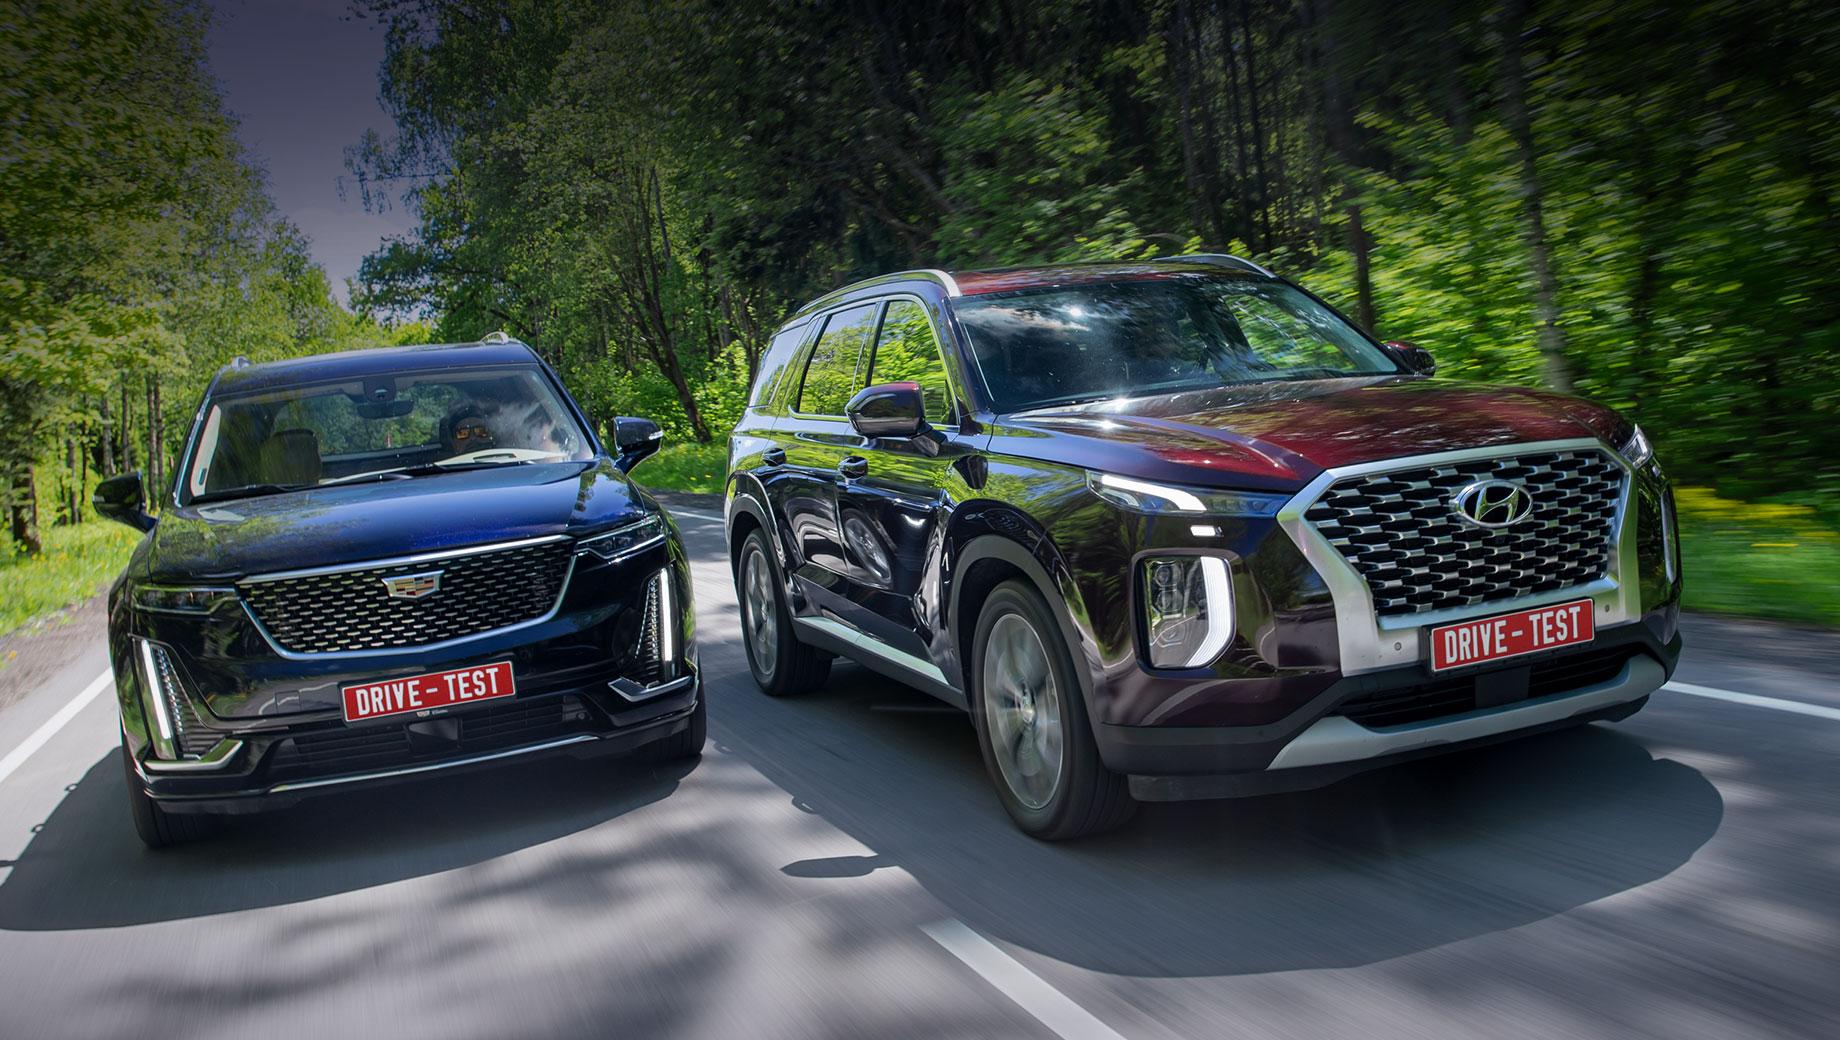 Cadillac xt6,Hyundai palisade. Palisade с V6 стоит минимум 3 599 000 рублей. Тестовая комплектация High-Tech даже без накруток оценена в 4 129 000 (плюс 20 тысяч за «металлик»). Cadillac XT6 в базовом исполнении Premium Luxury обойдётся в 4 850 000, но пакет Platinum и система ночного видения добавляют 680 тысяч.